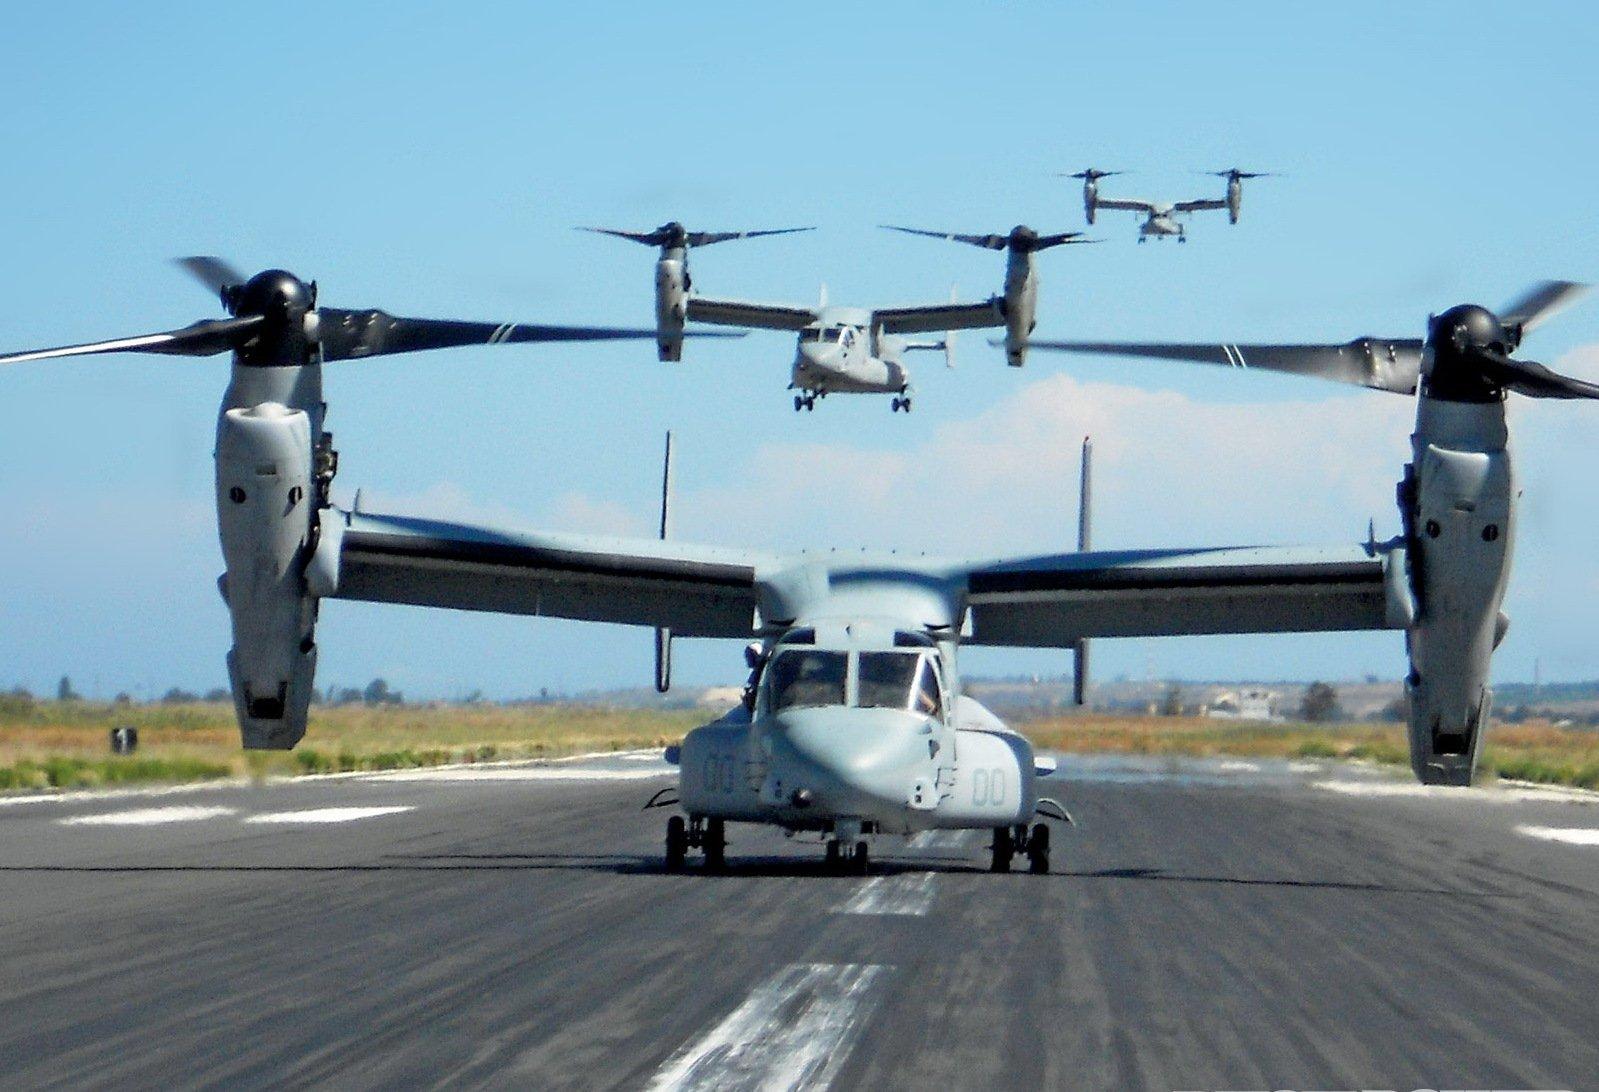 ВСША конвертоплан Bell V-280 Valor совершил 1-ый полет